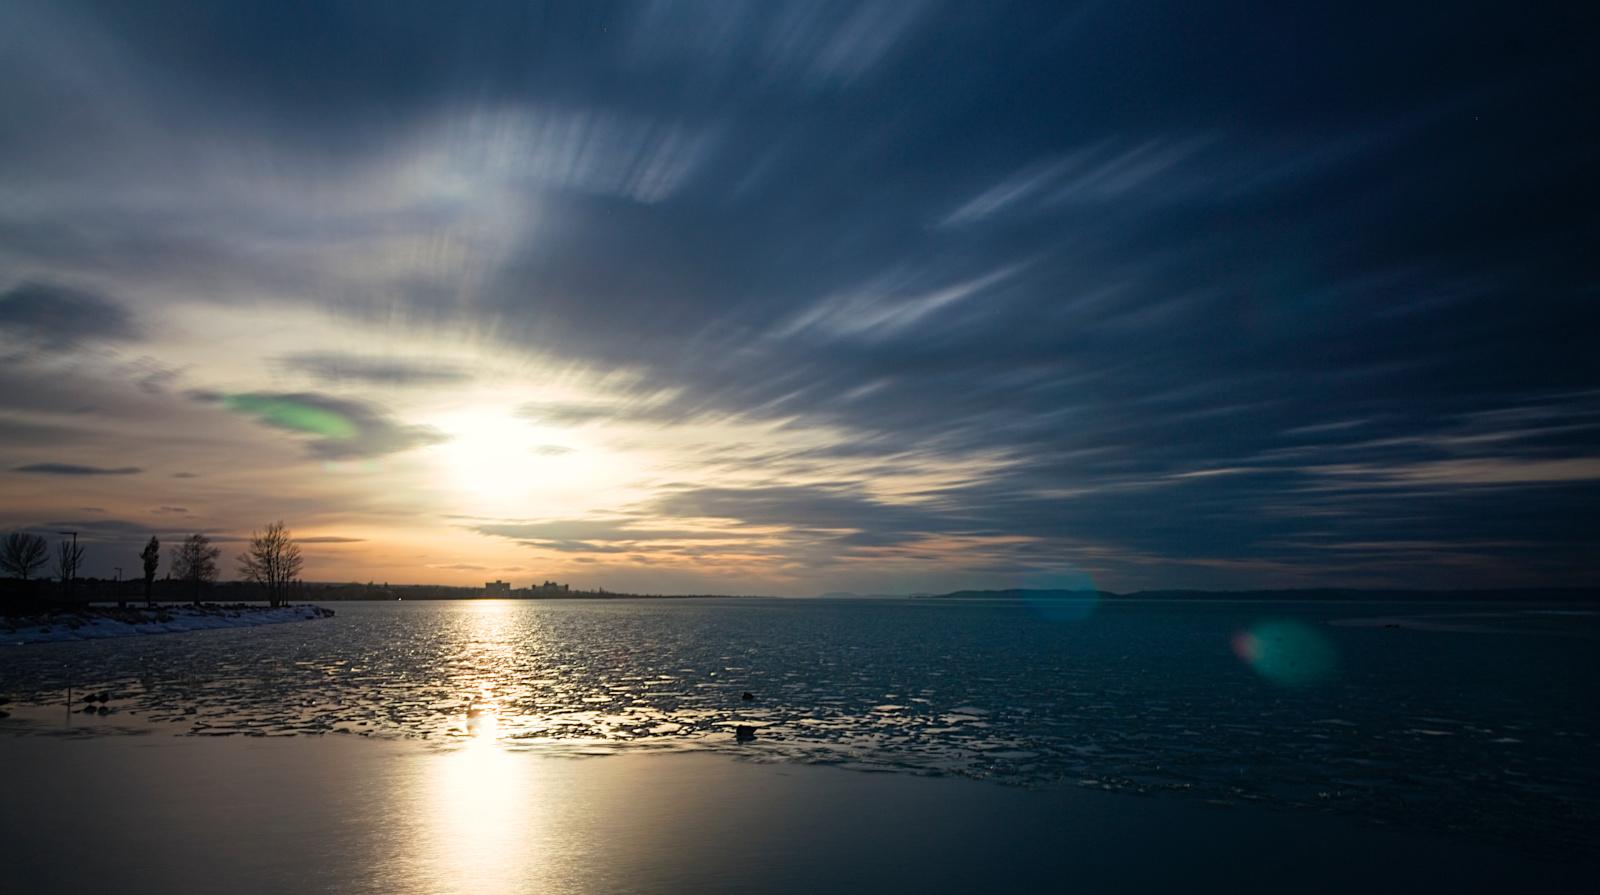 Egy perc a naplementéből - 3db 20mp-es expozícióból fűzve